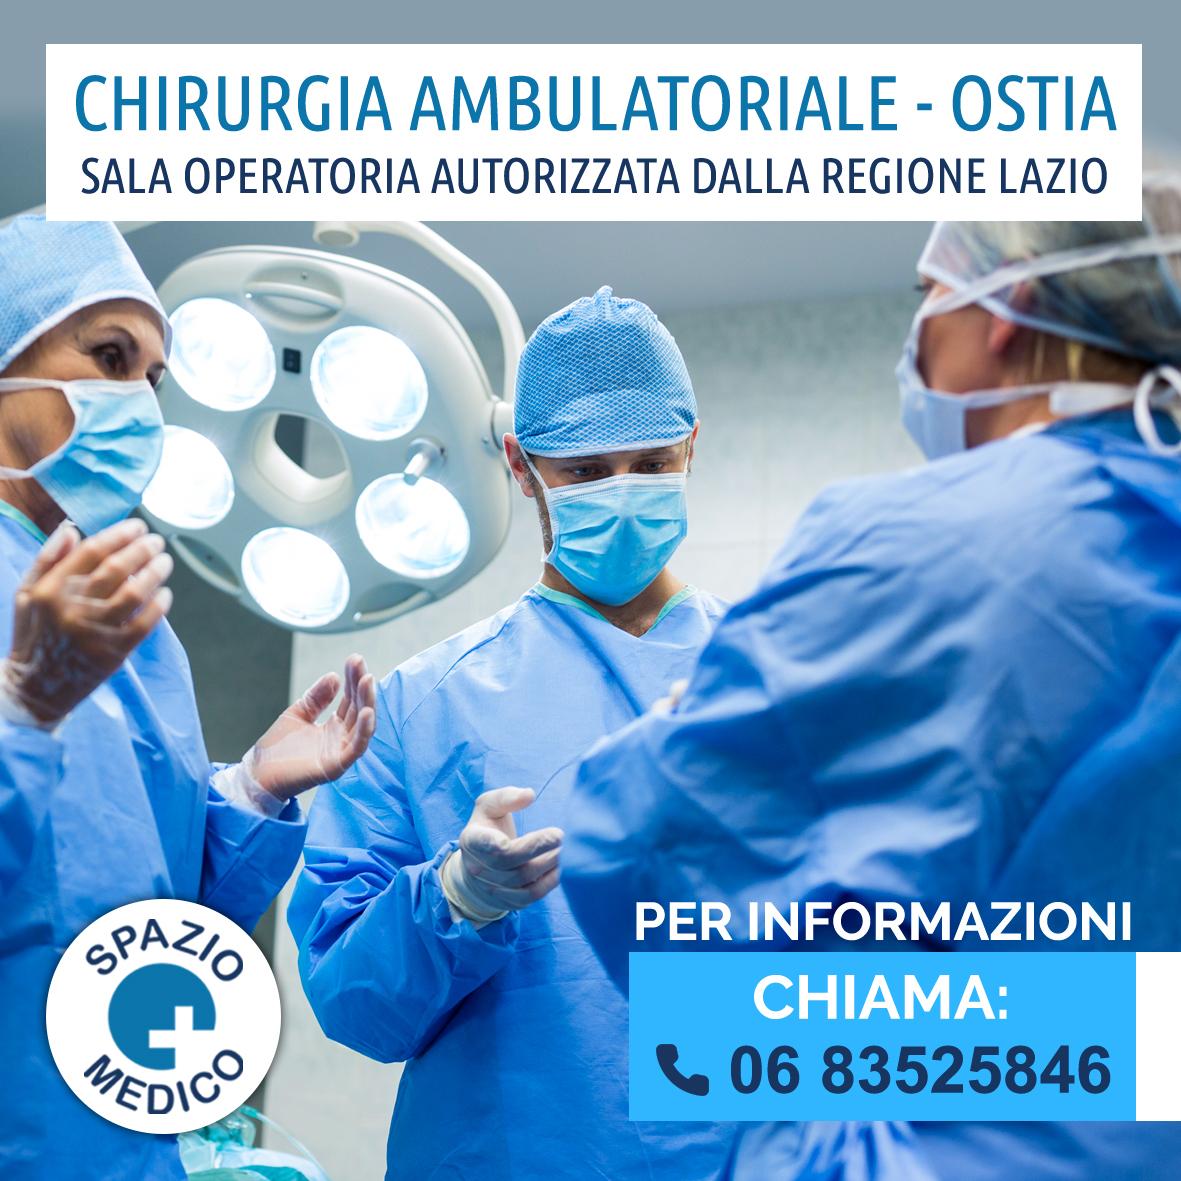 Chirurgia Ambulatoriale Spazio Medico